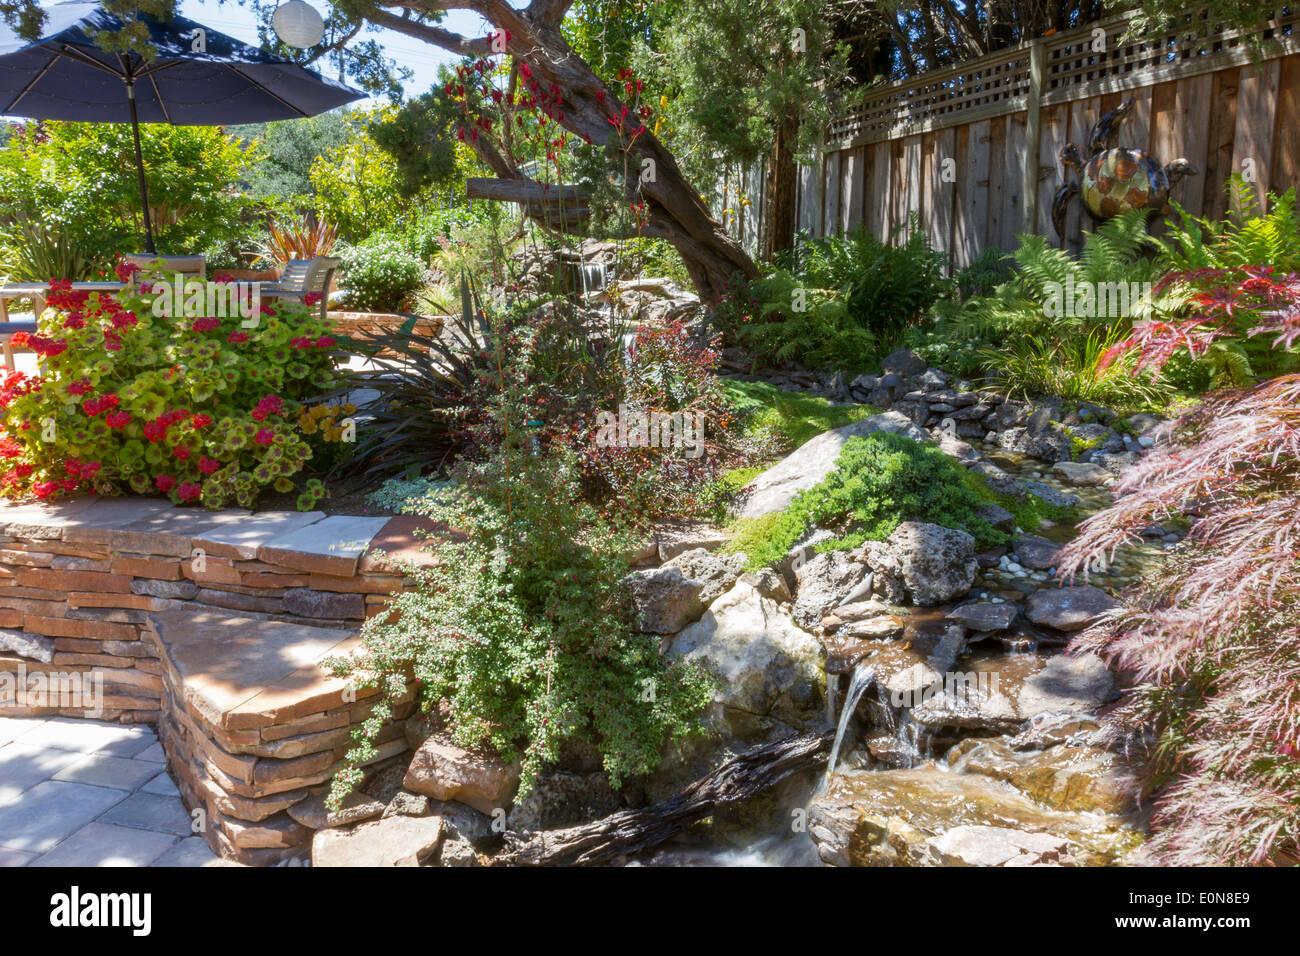 Wasserstrahl Funktion Mit üppiger Vegetation In Einen Schön Angelegten  Garten Mit Gestapelten Steinplatten Stockbild